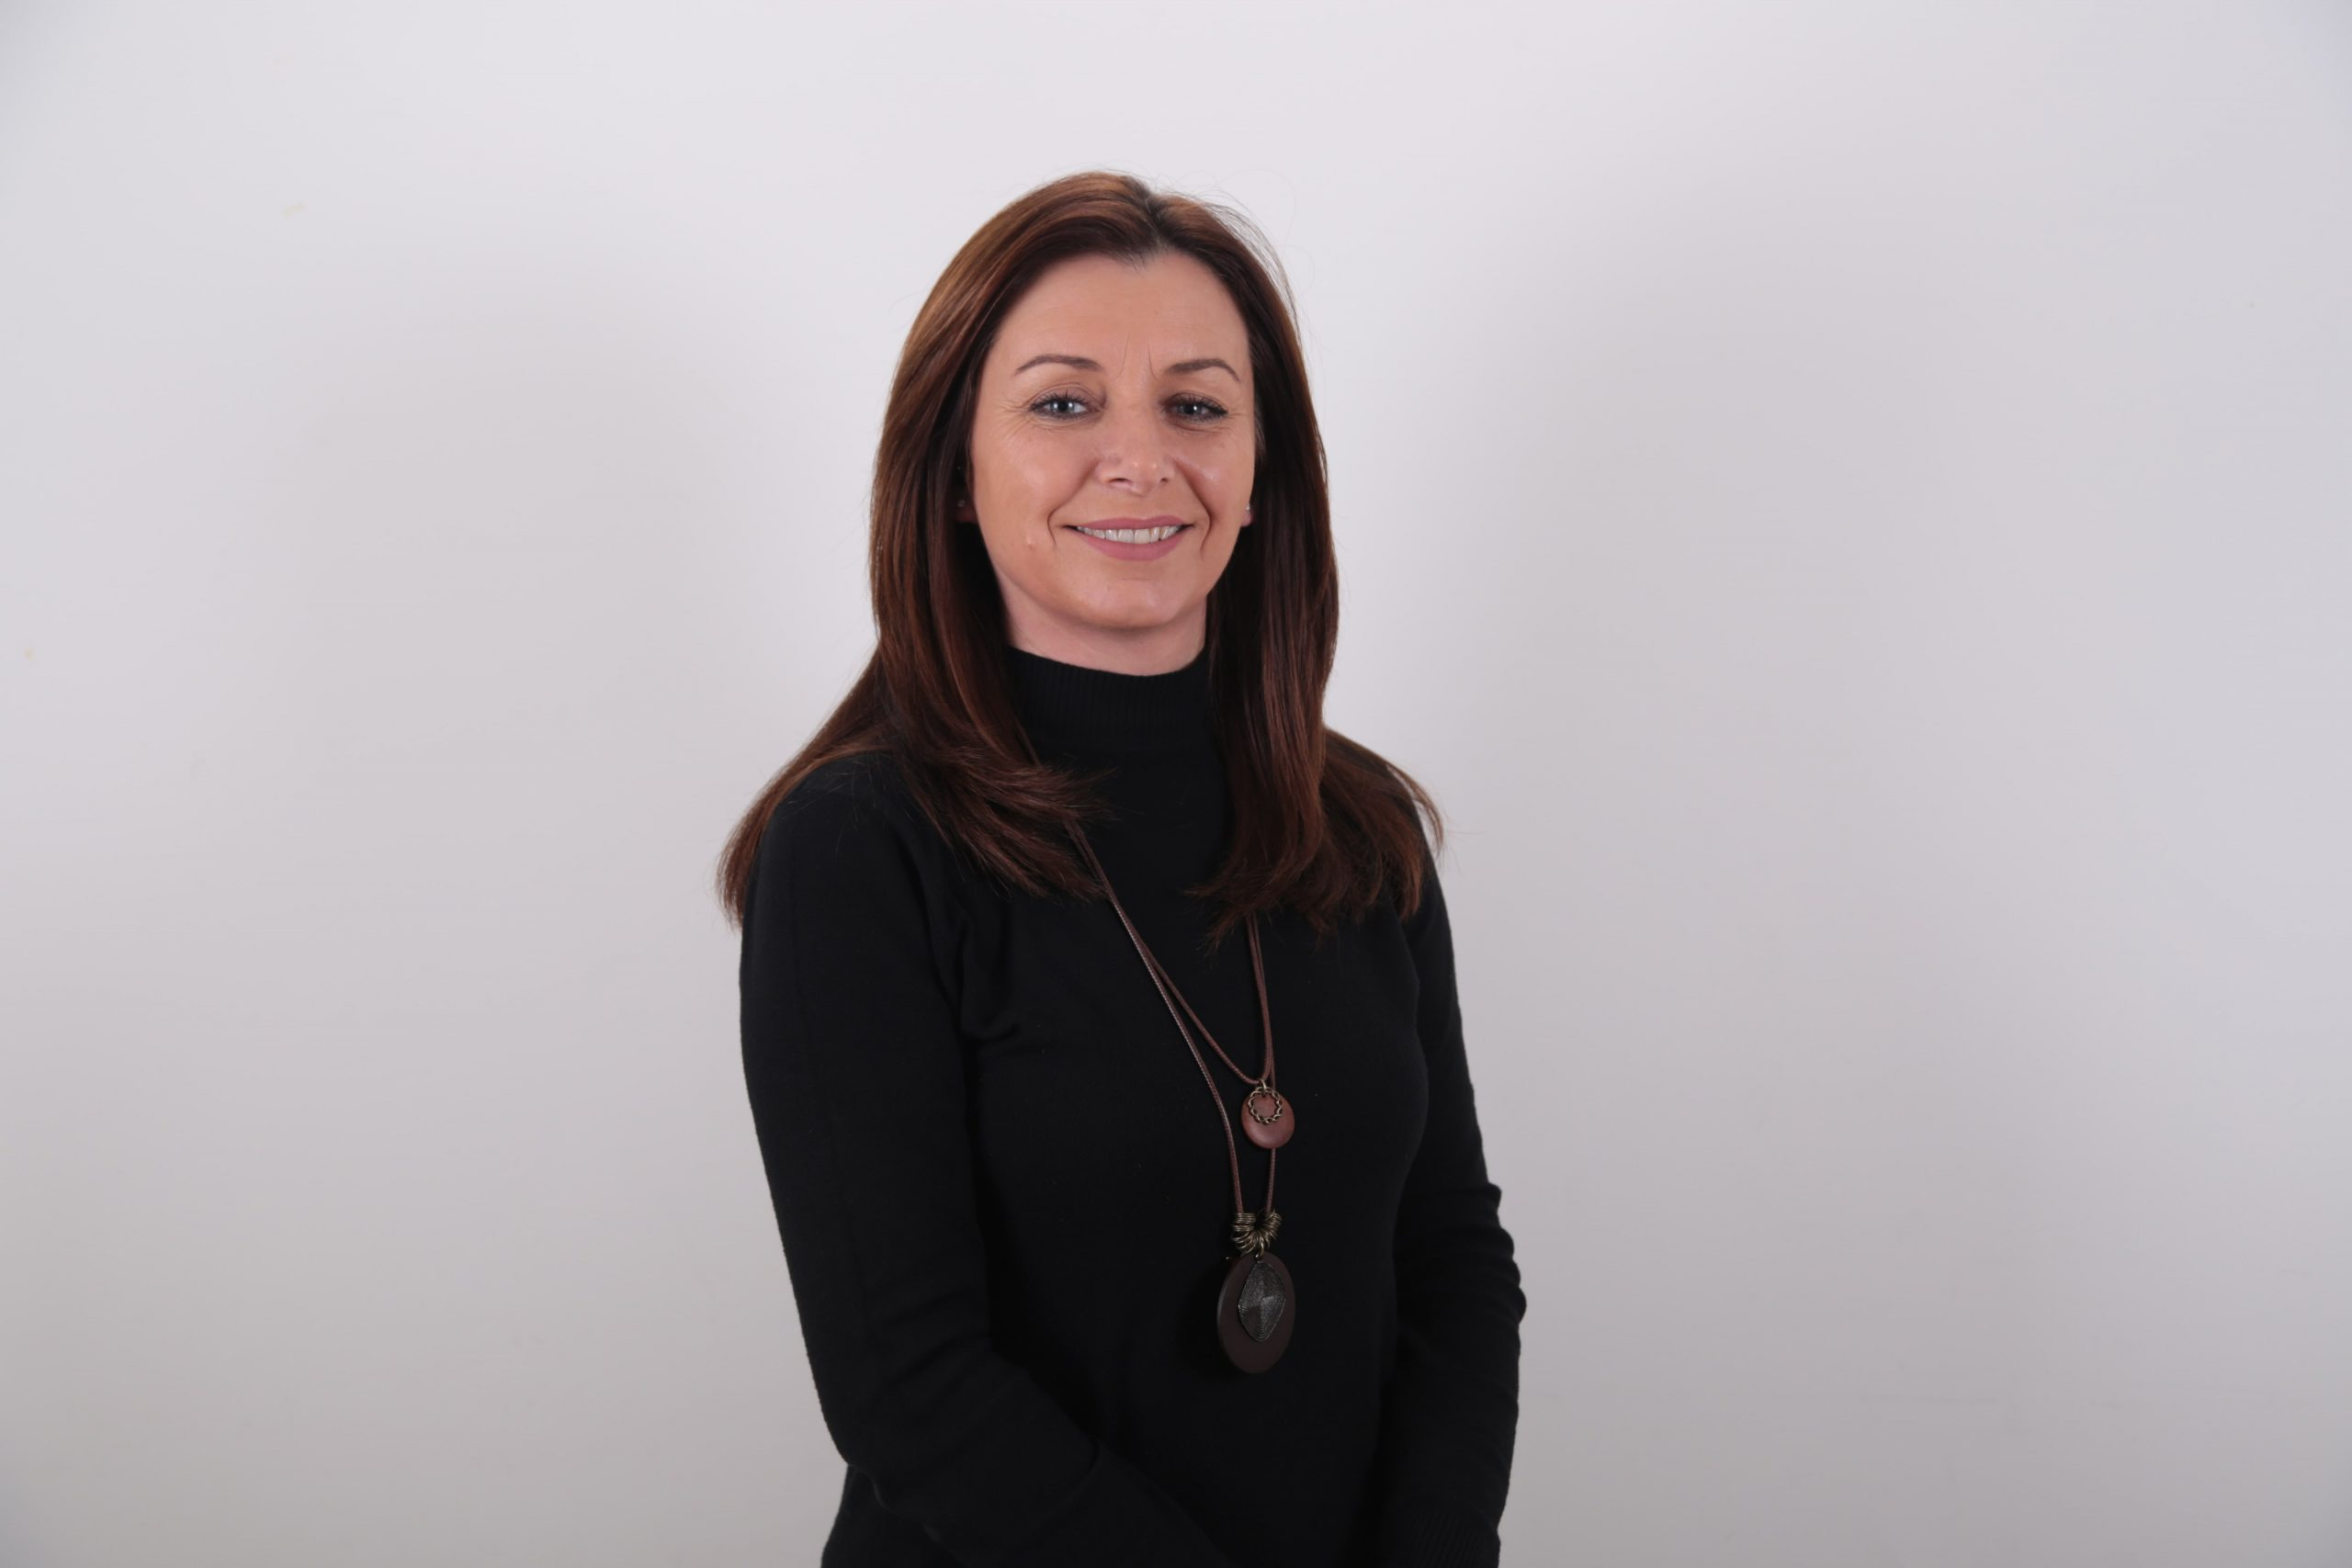 Nafije Pajaziti